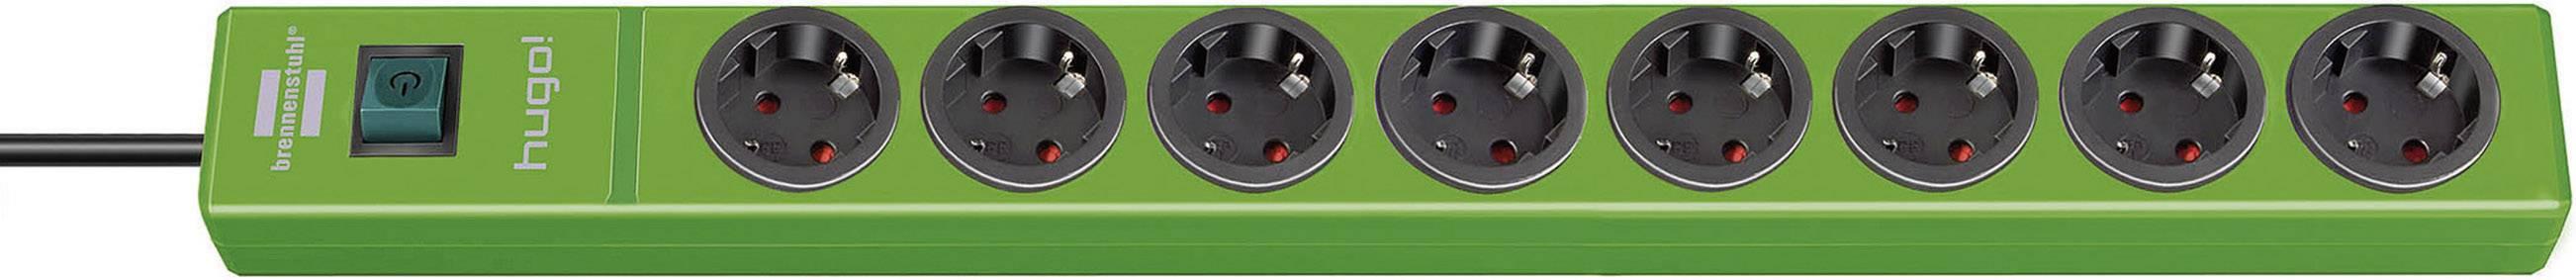 Zásuvková lišta s vypínačem Brennenstuhl hugo! Steckdosenleiste 57 cm grün 1150610198, počet zásuvek 8, 2.00 m, zelená